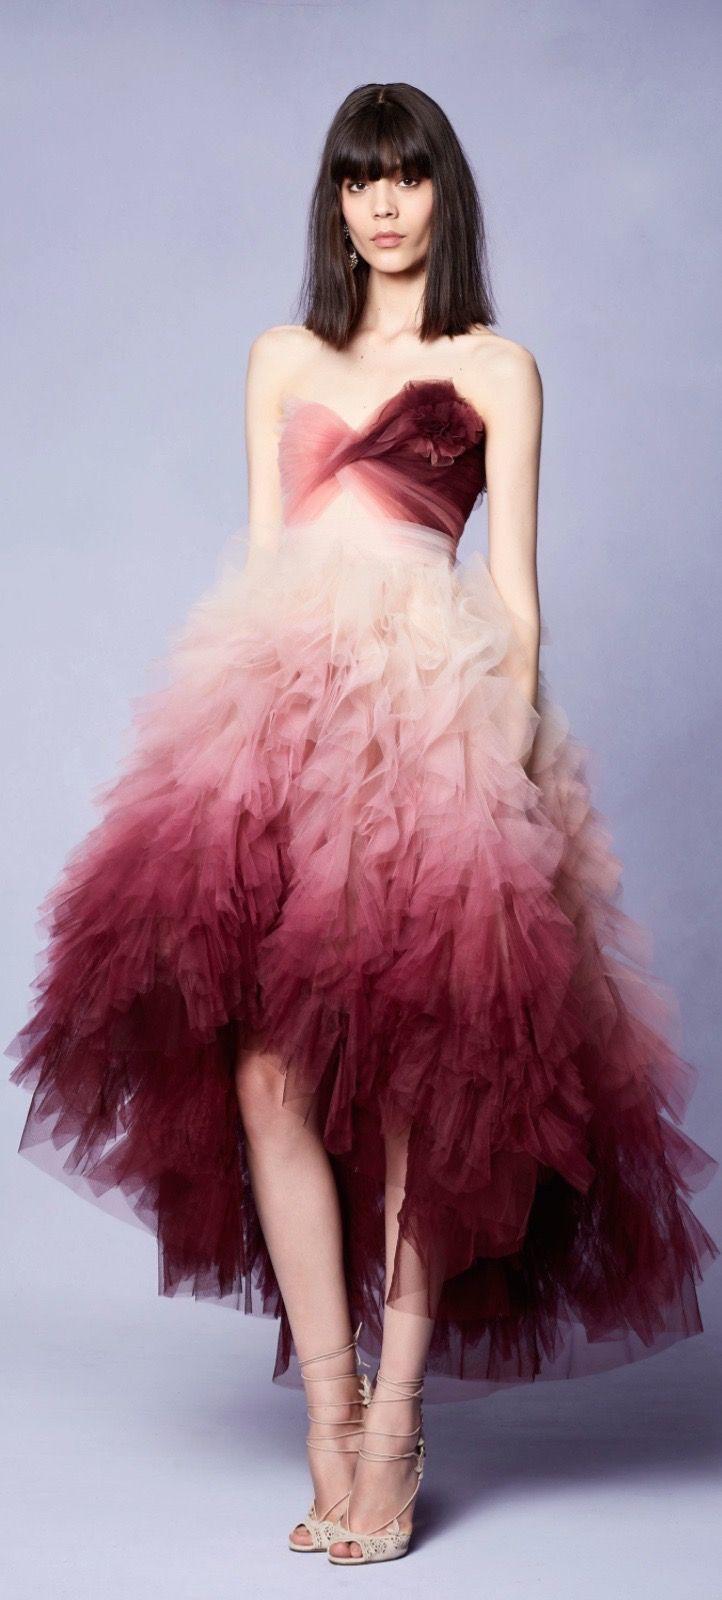 97 best Fab Fashion images on Pinterest | Boots, Feminine fashion ...